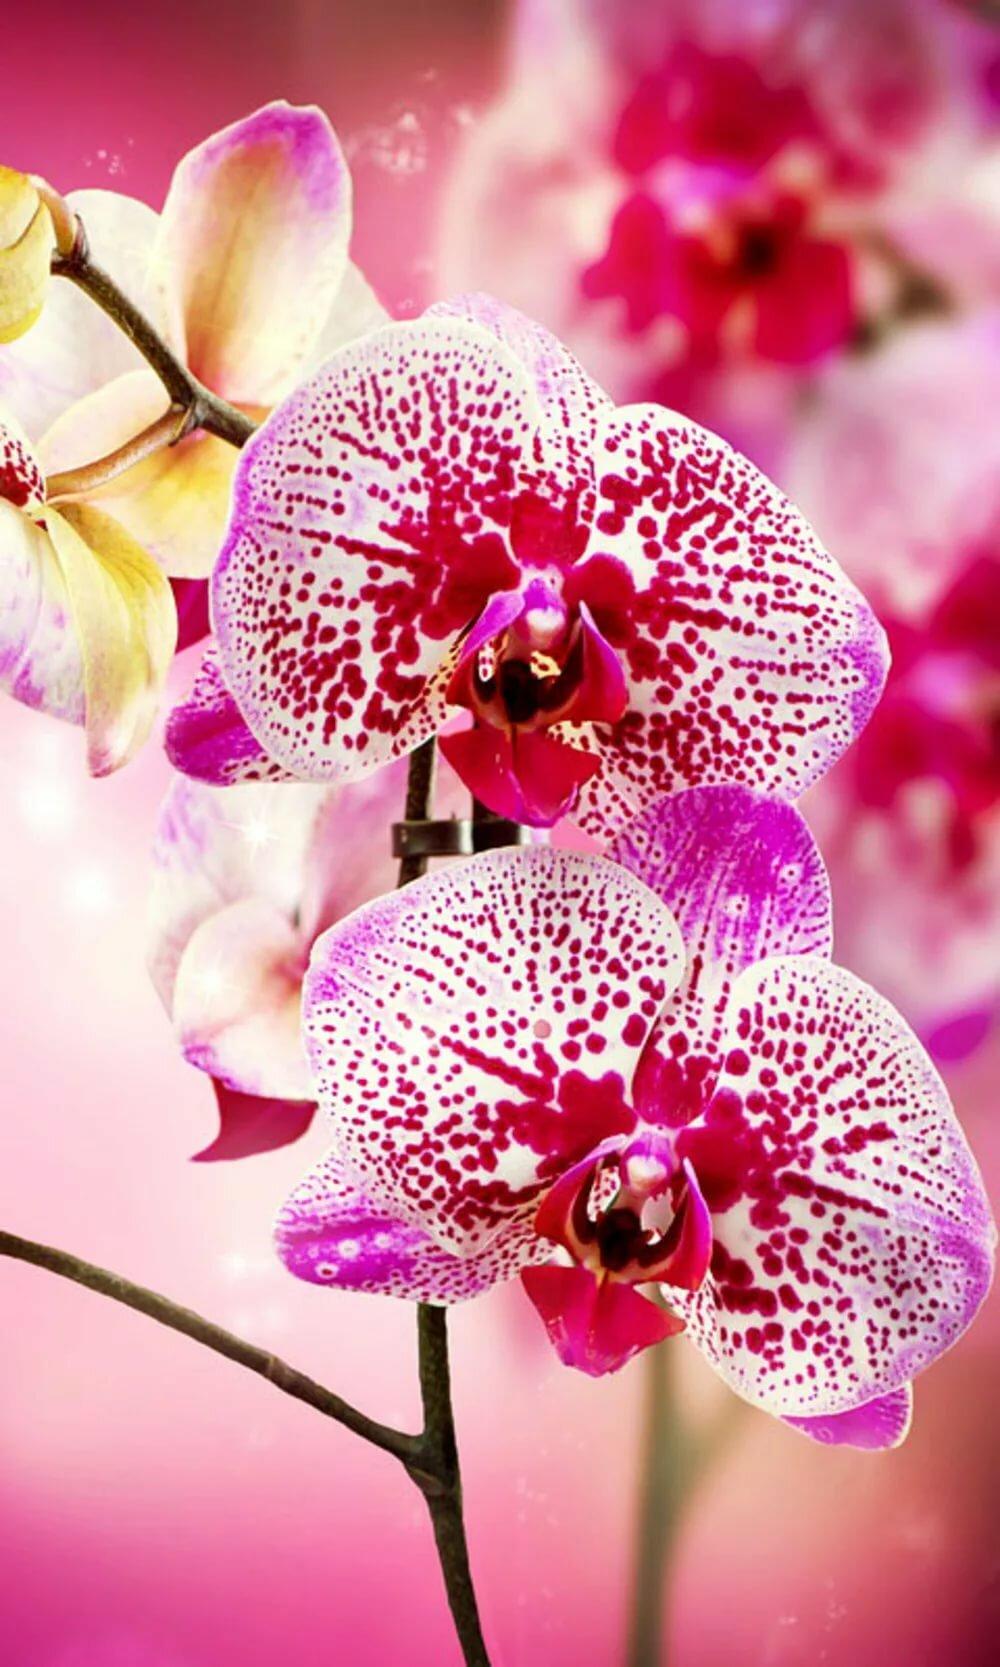 Орхидеи фото на телефон ее, откроете